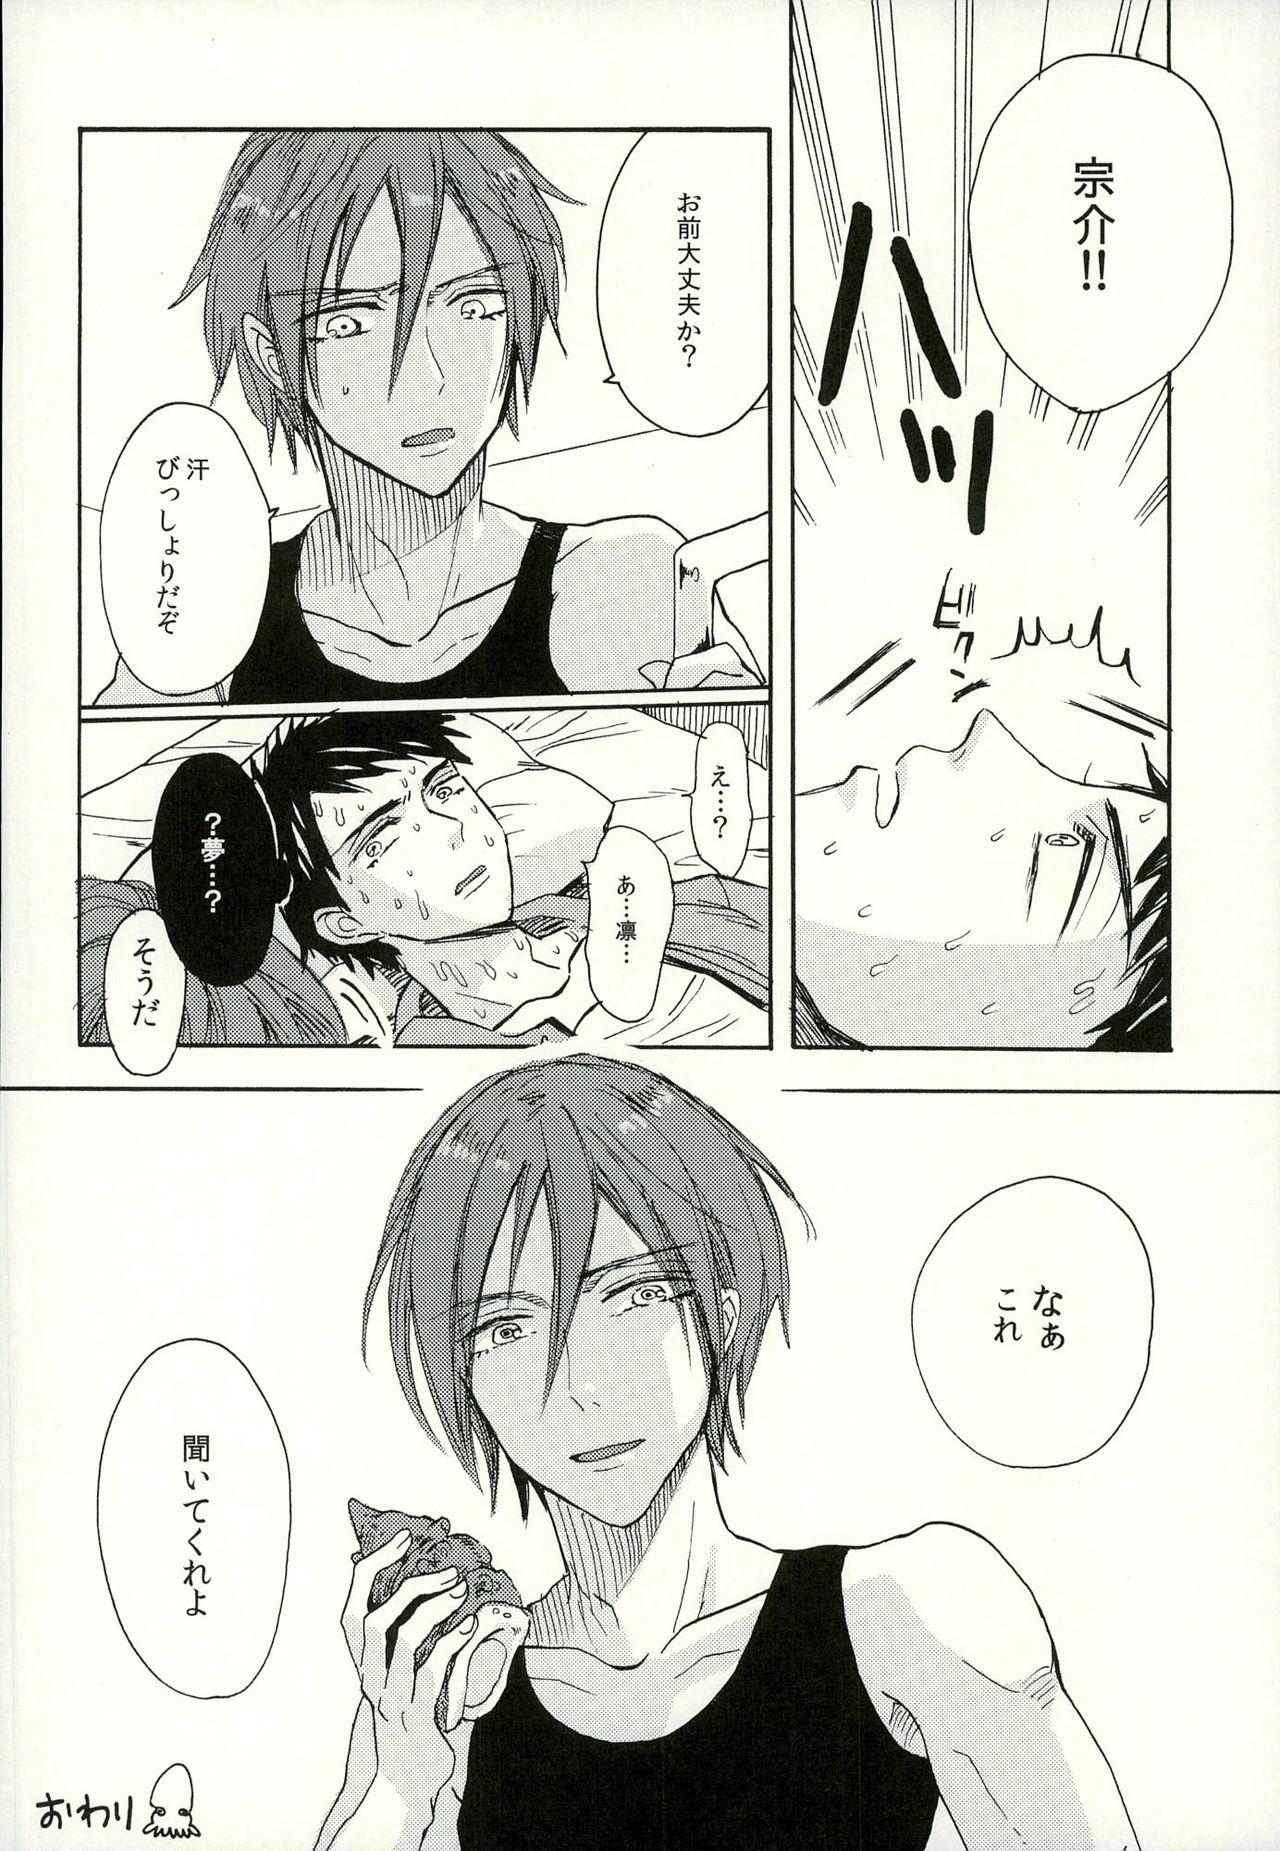 (SUPERKansai20) [hn (Pirori)] Sou-chan Jana-ika!? (Free!) 18